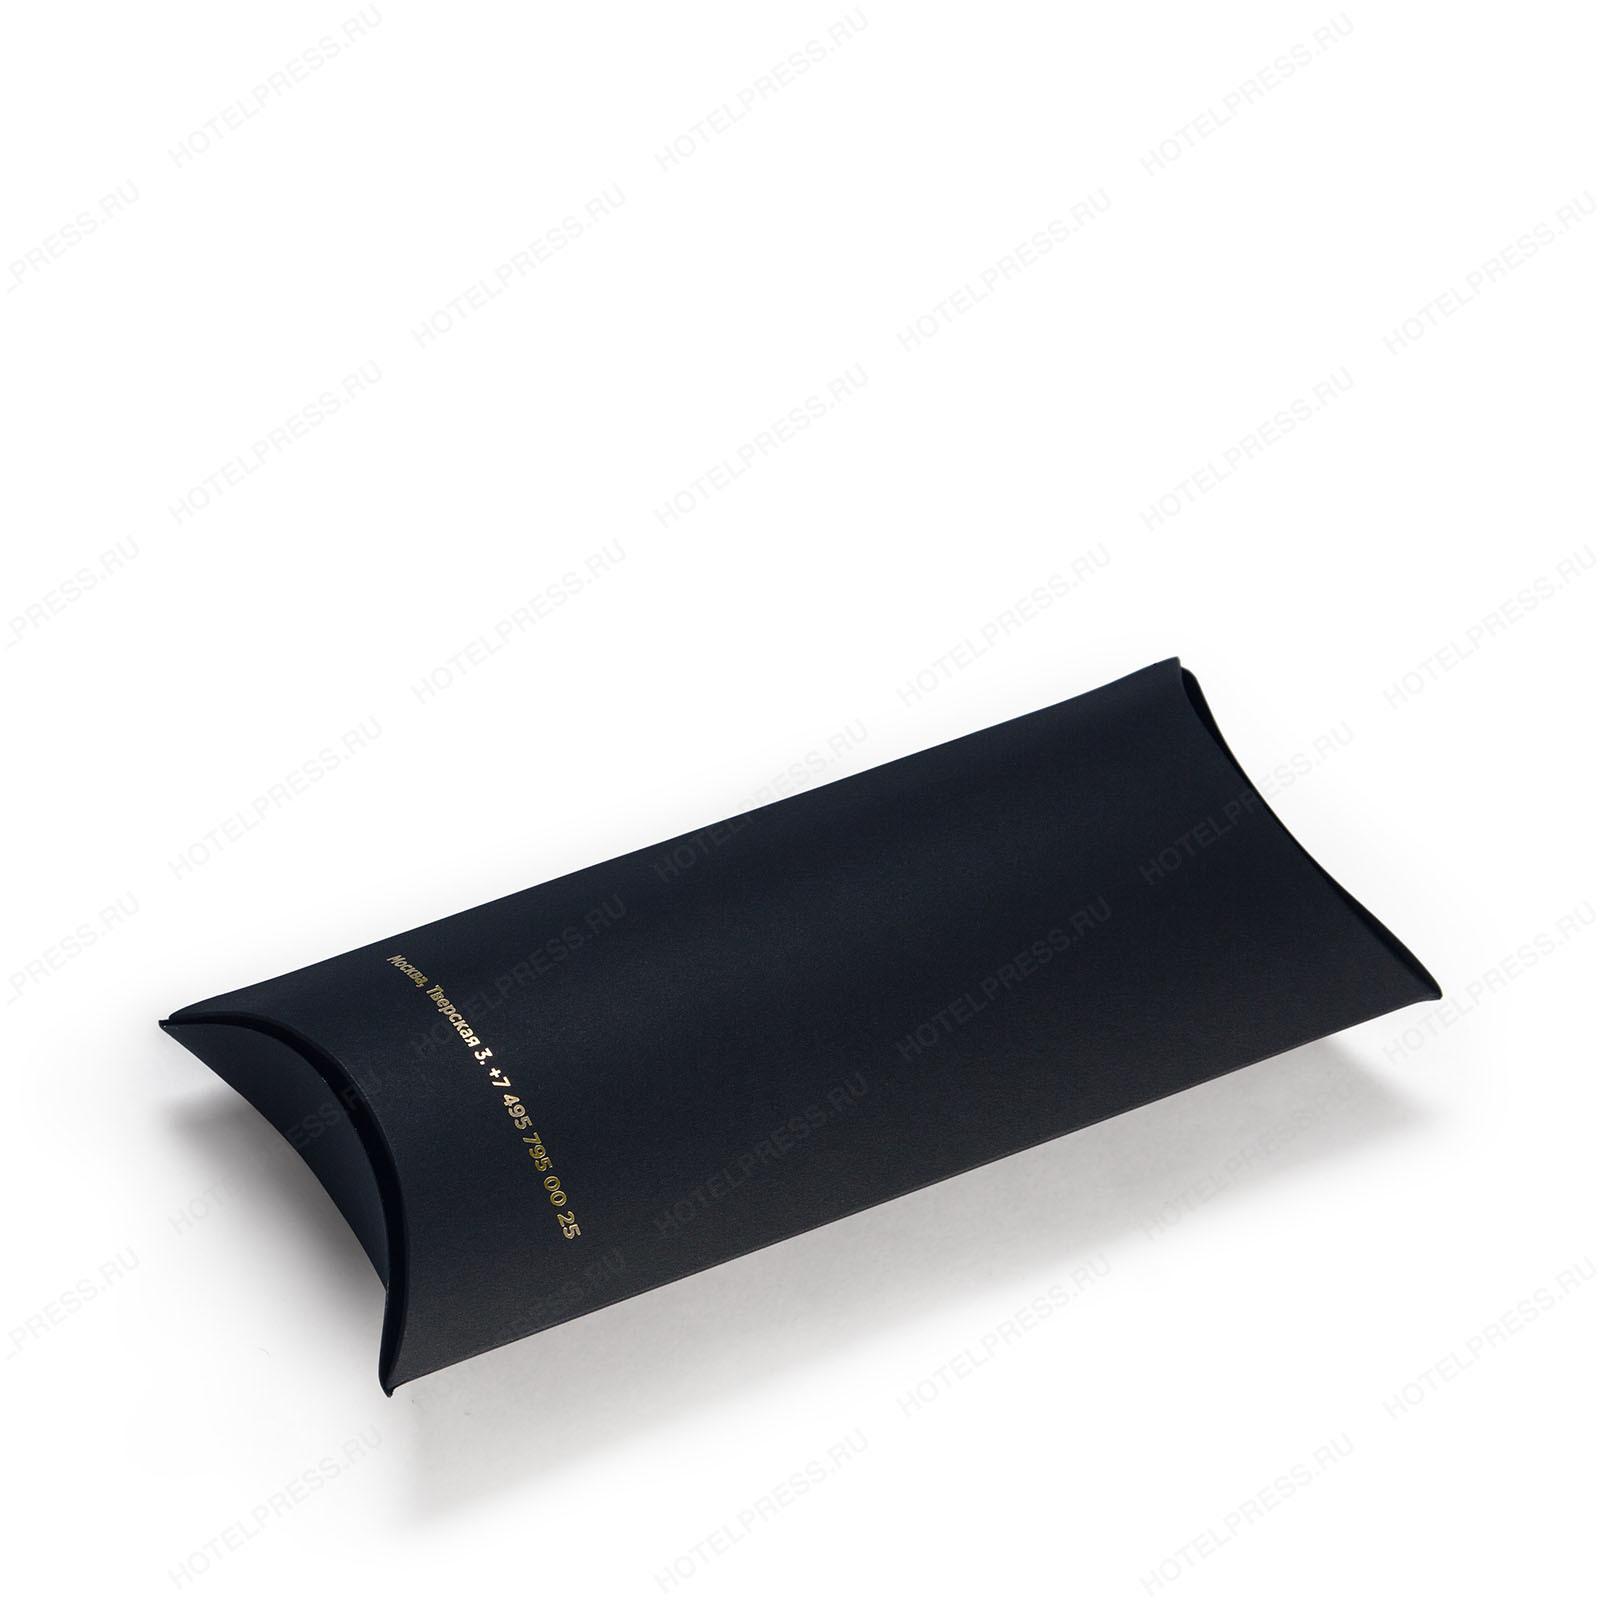 Коробка-конверт для промо продукции ресторана Sartoria Lamberti